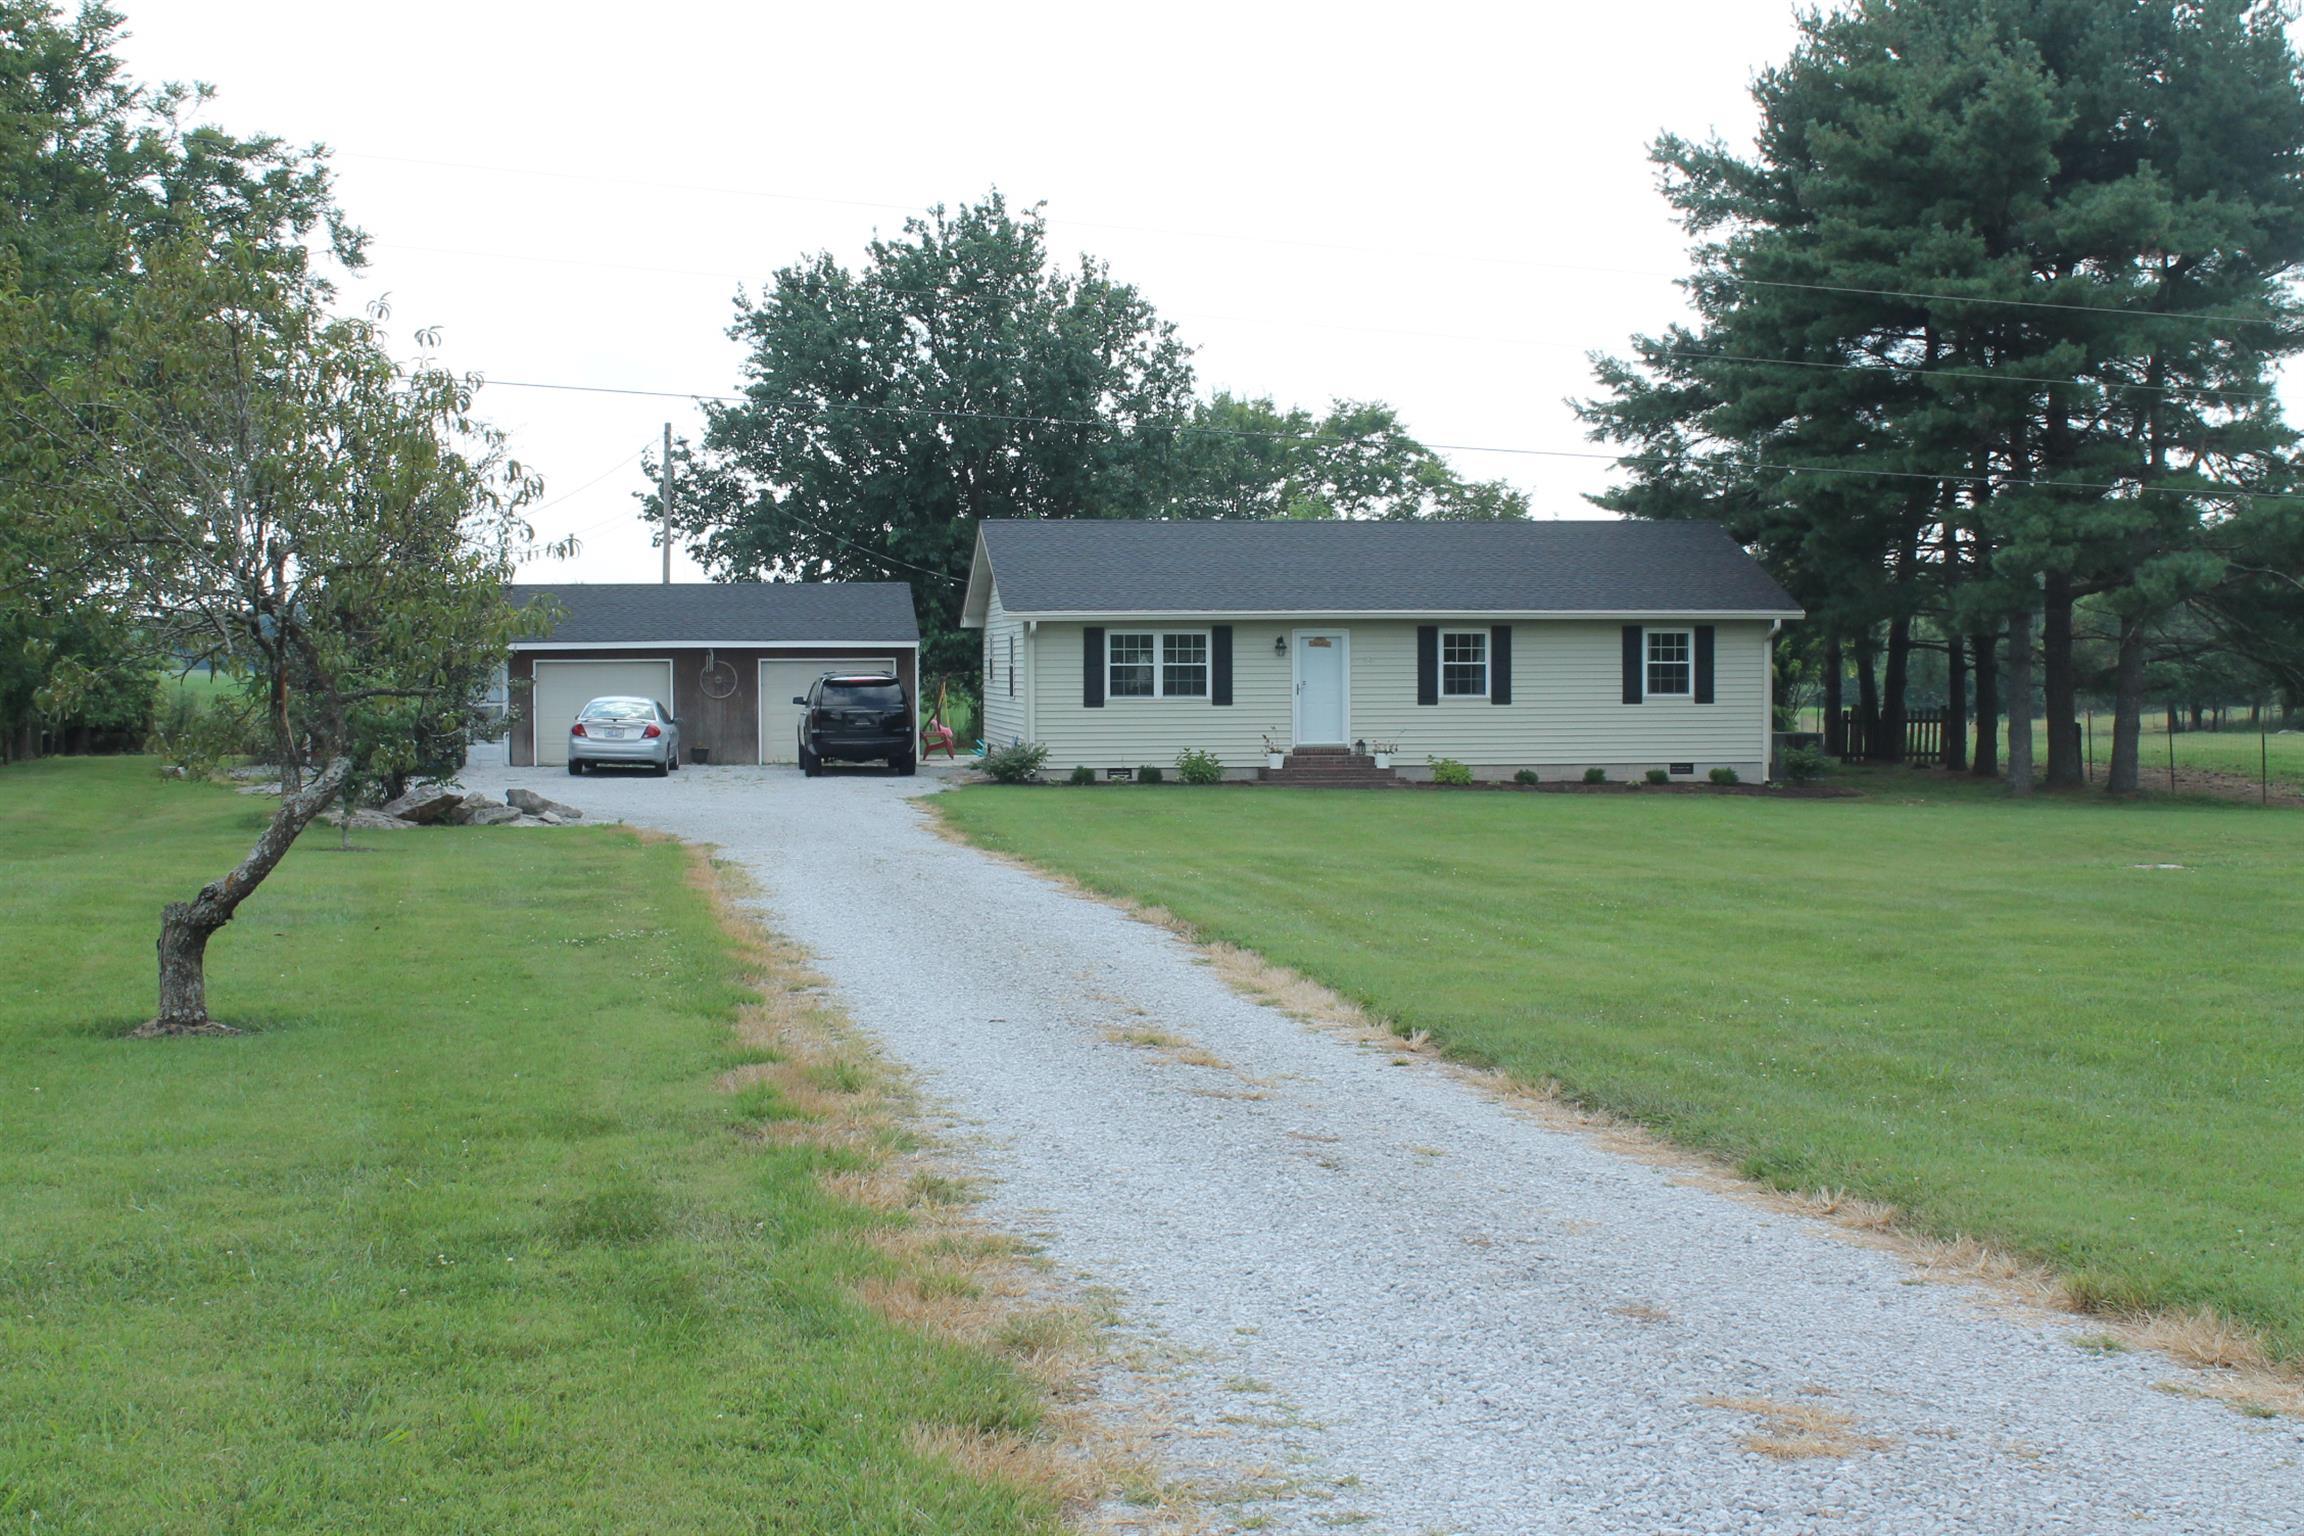 3725 Princeton Road, Hopkinsville, KY 42240 - Hopkinsville, KY real estate listing